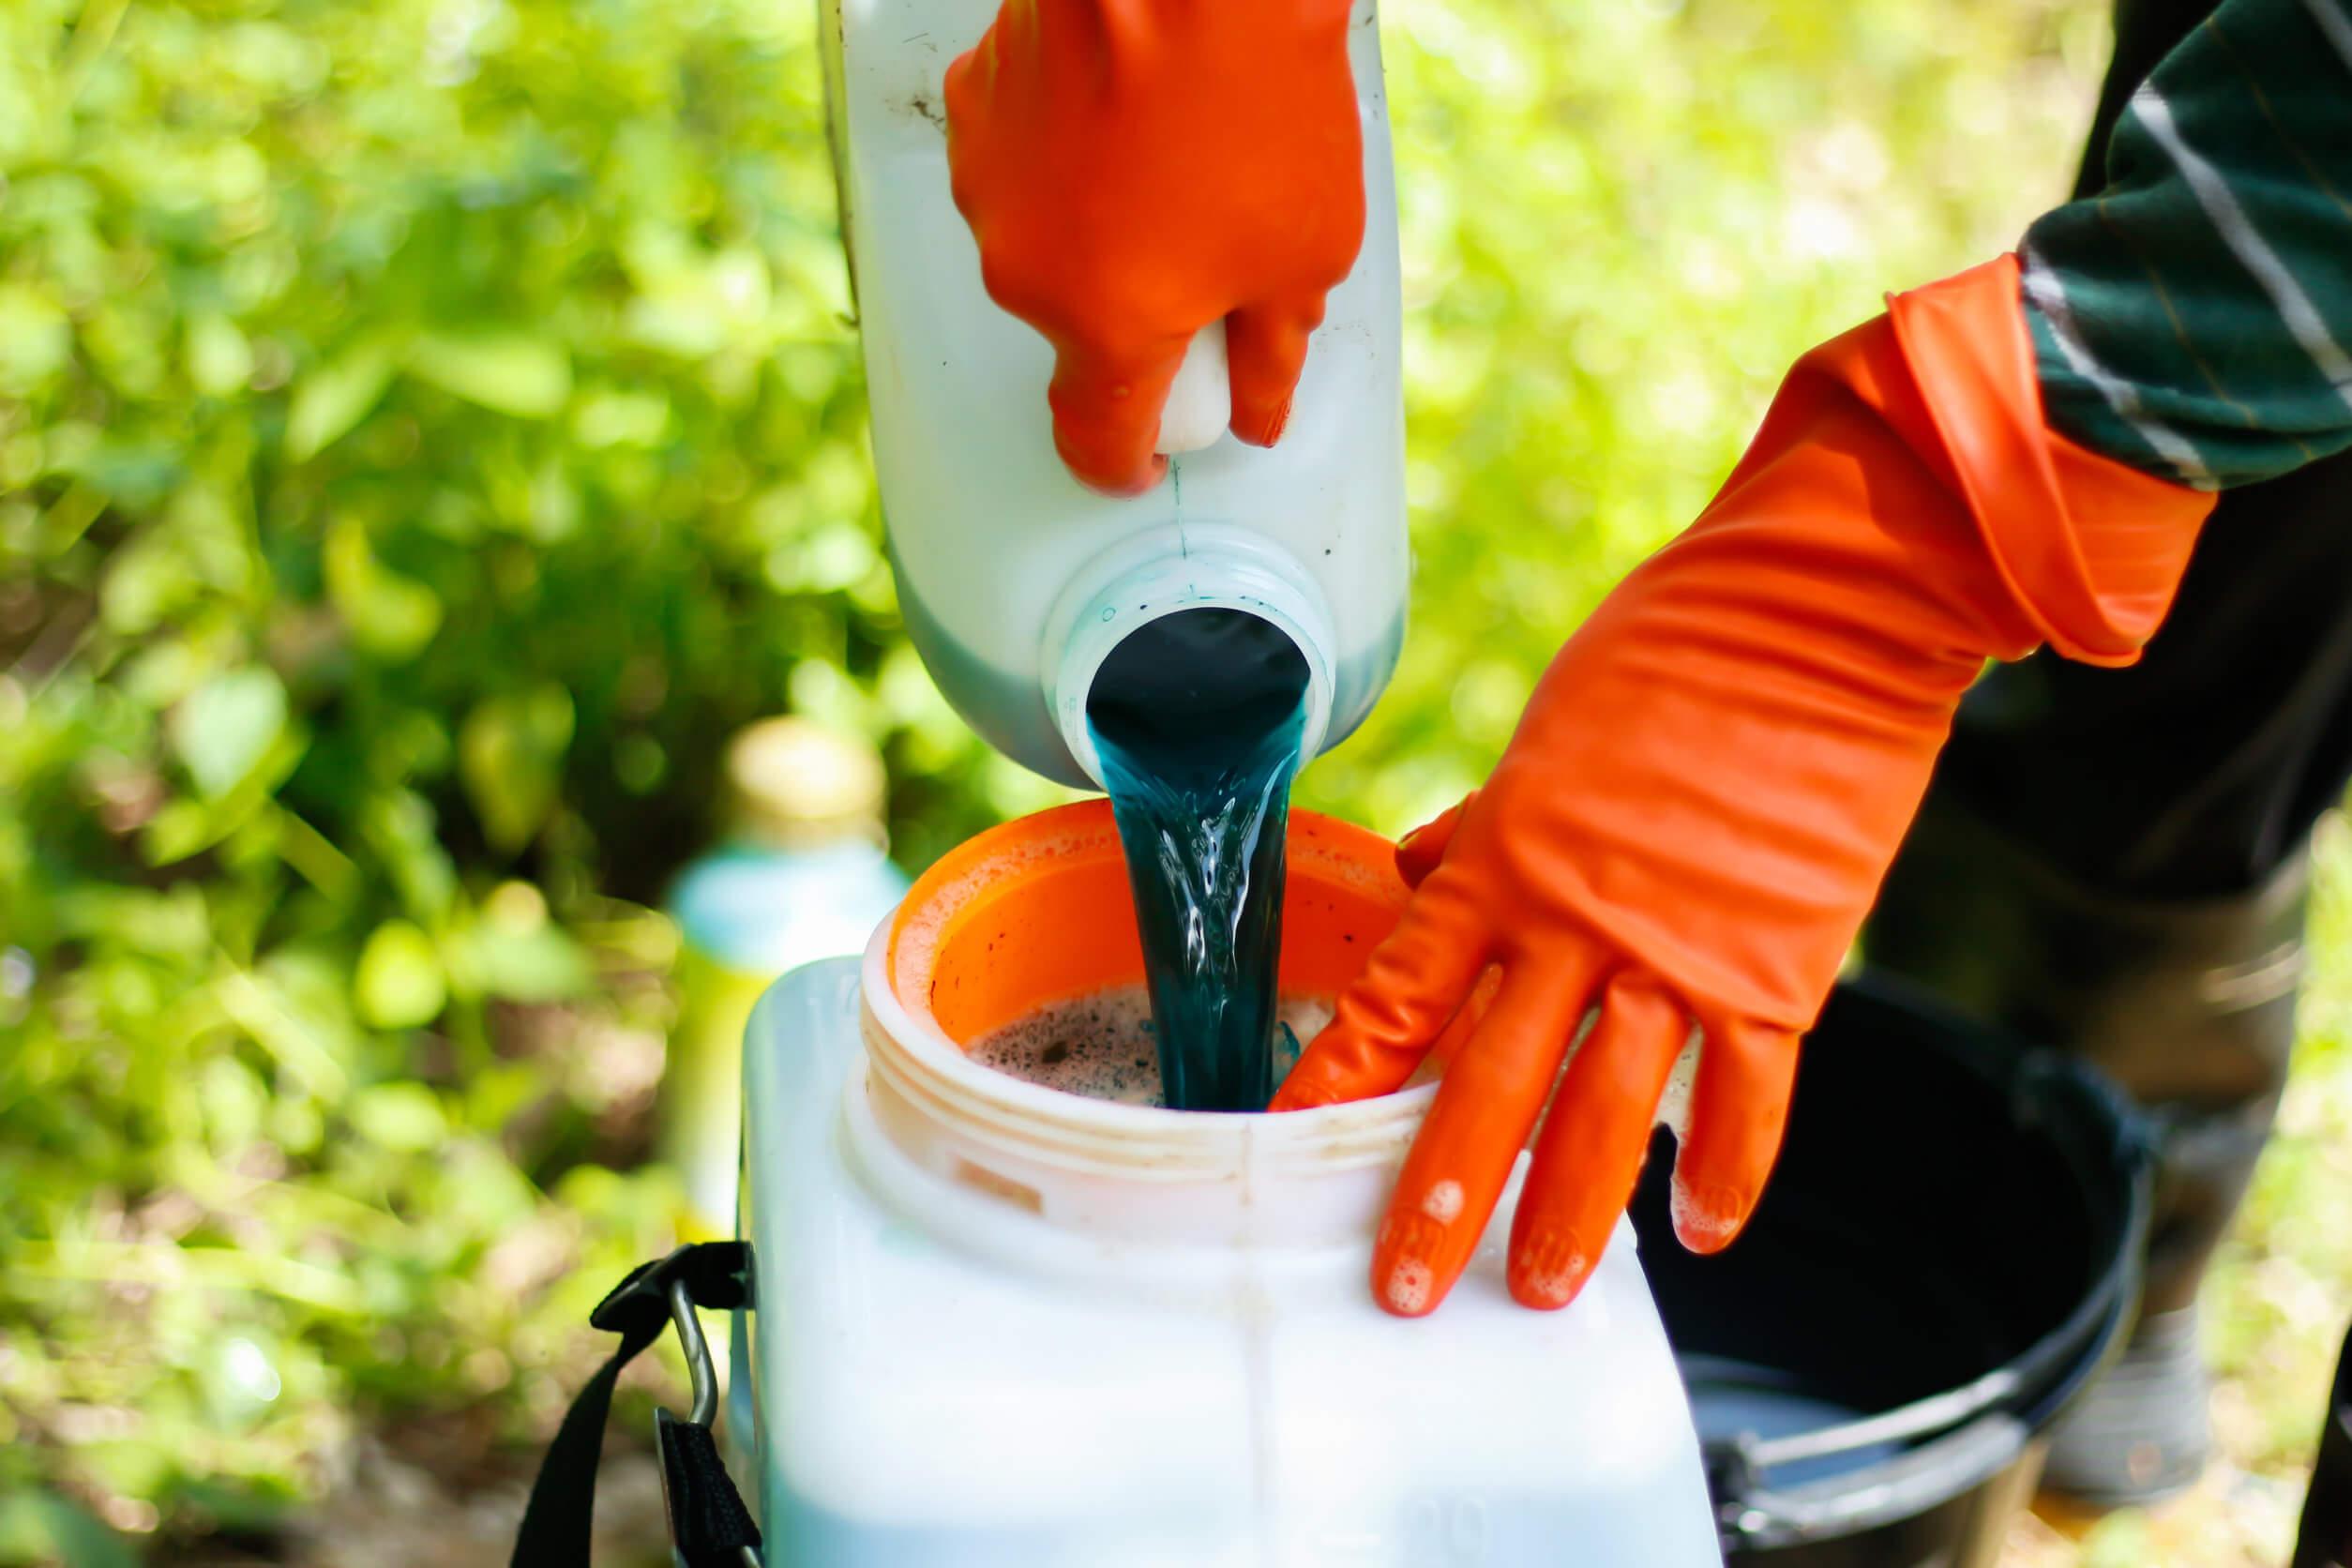 Cómo quitar los pesticidas de las verduras y frutas